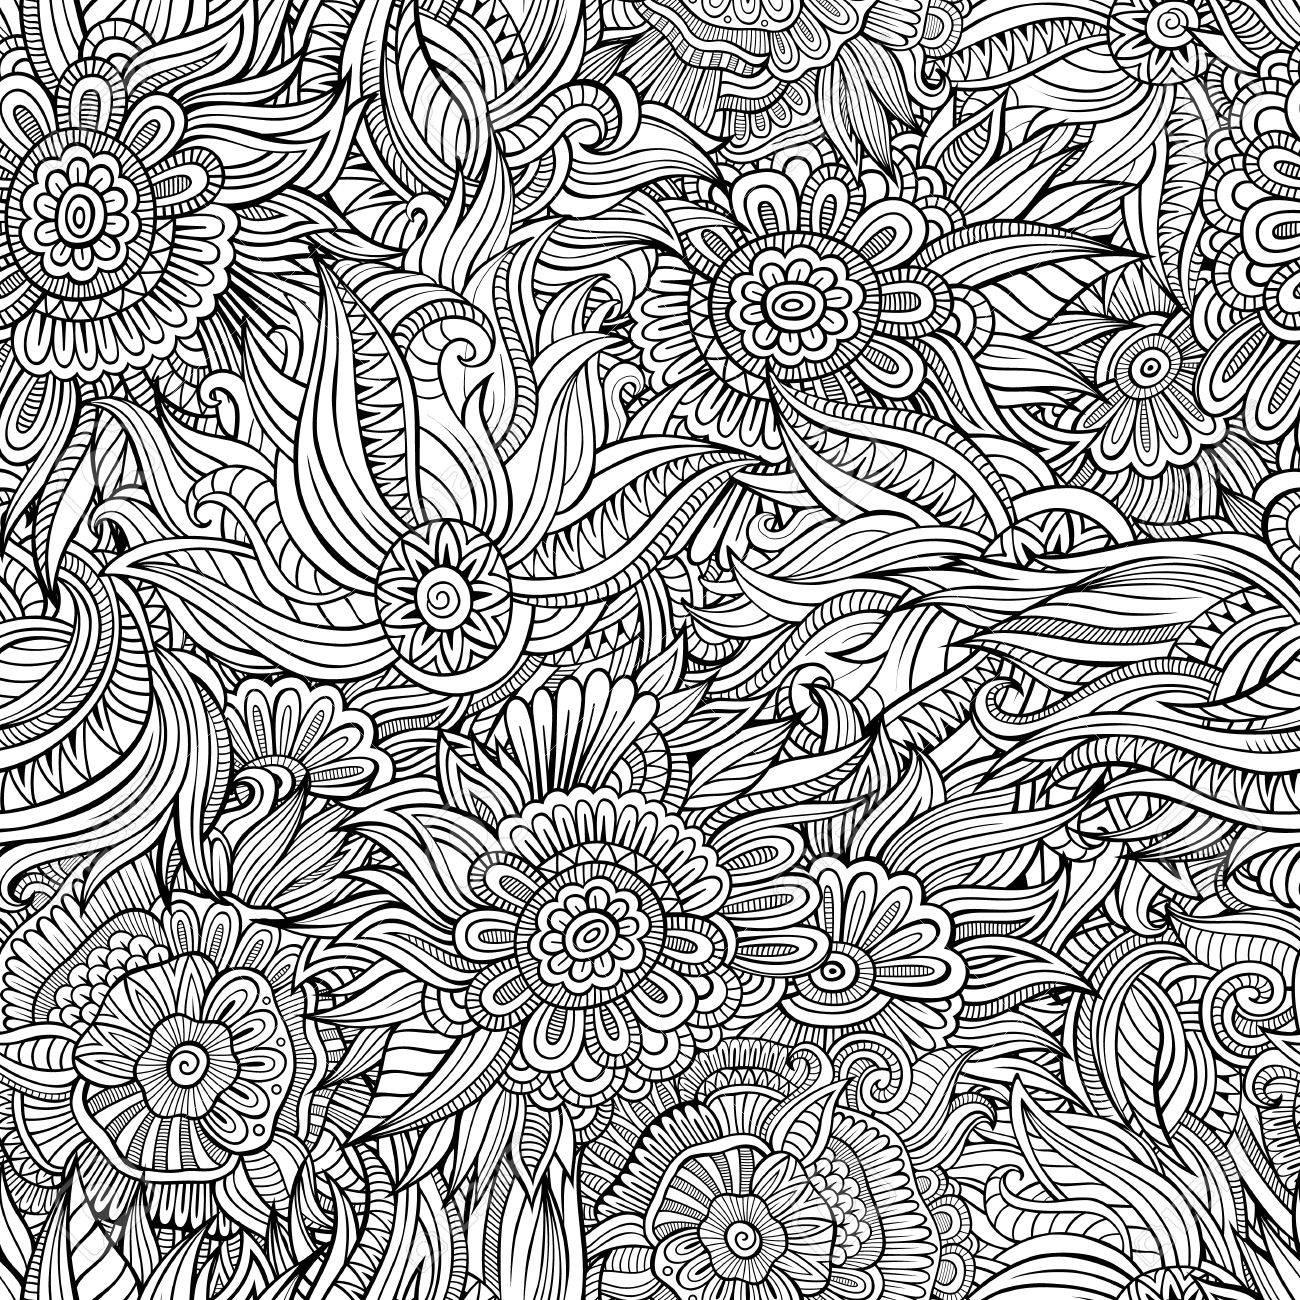 Full Size of Schöne Tapeten Schne Blumen Ethnischen Ornamental Lckenhaft Nahtlose Für Die Küche Schlafzimmer Betten Fototapeten Wohnzimmer Mein Schöner Garten Abo Wohnzimmer Schöne Tapeten